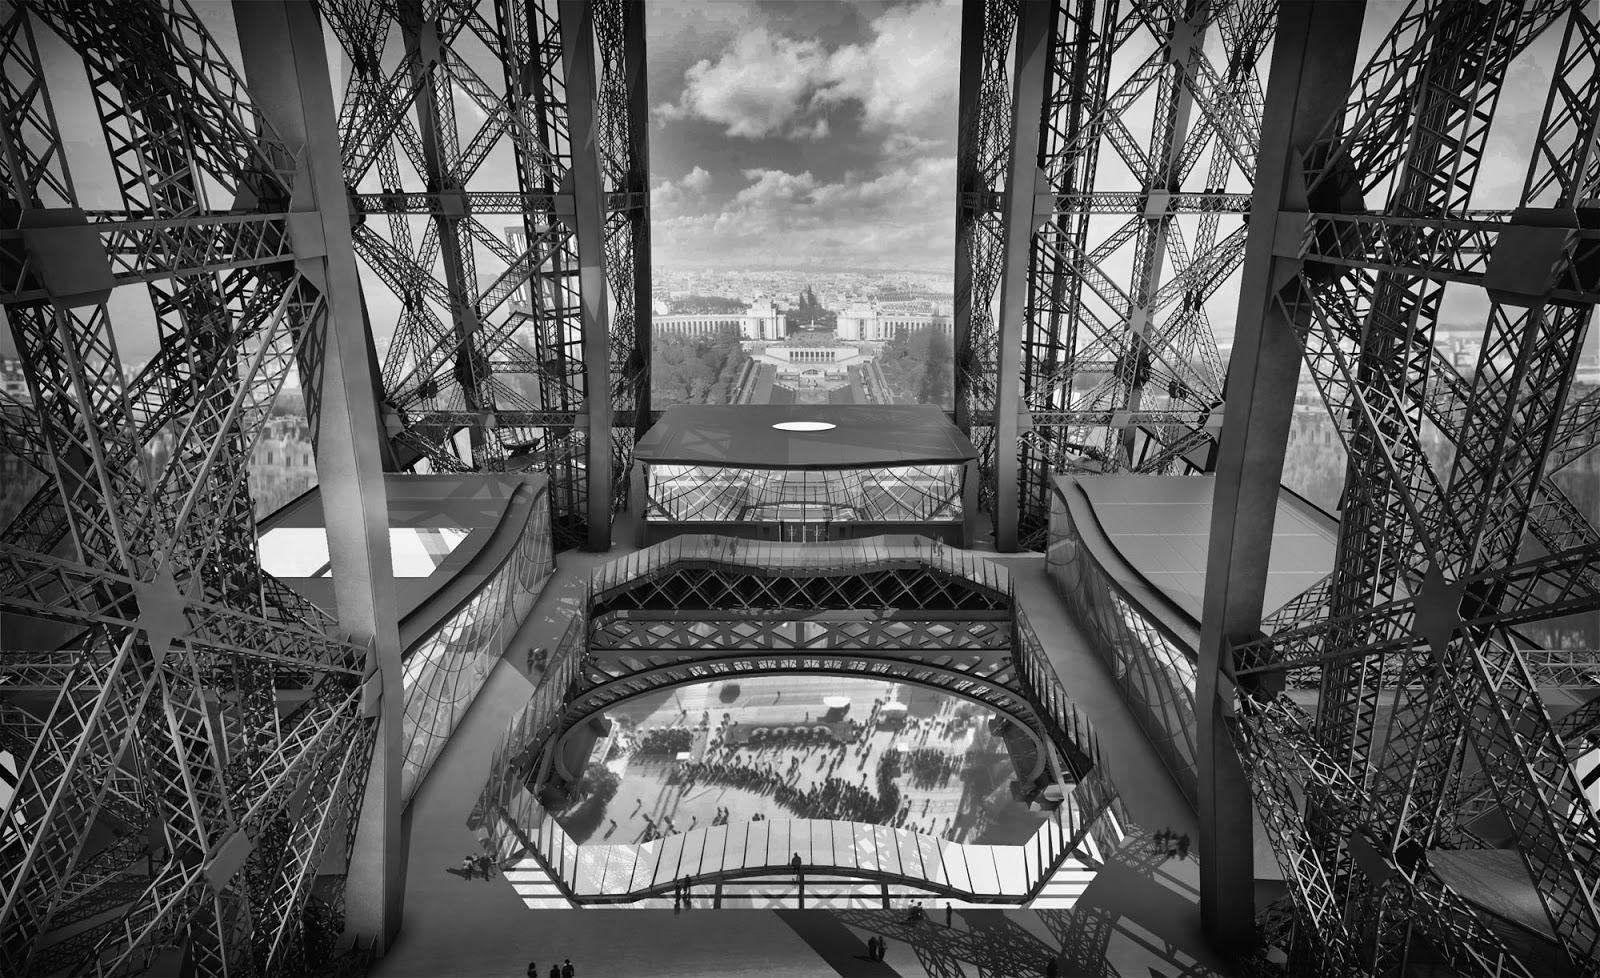 Paris fvdv: april 2013